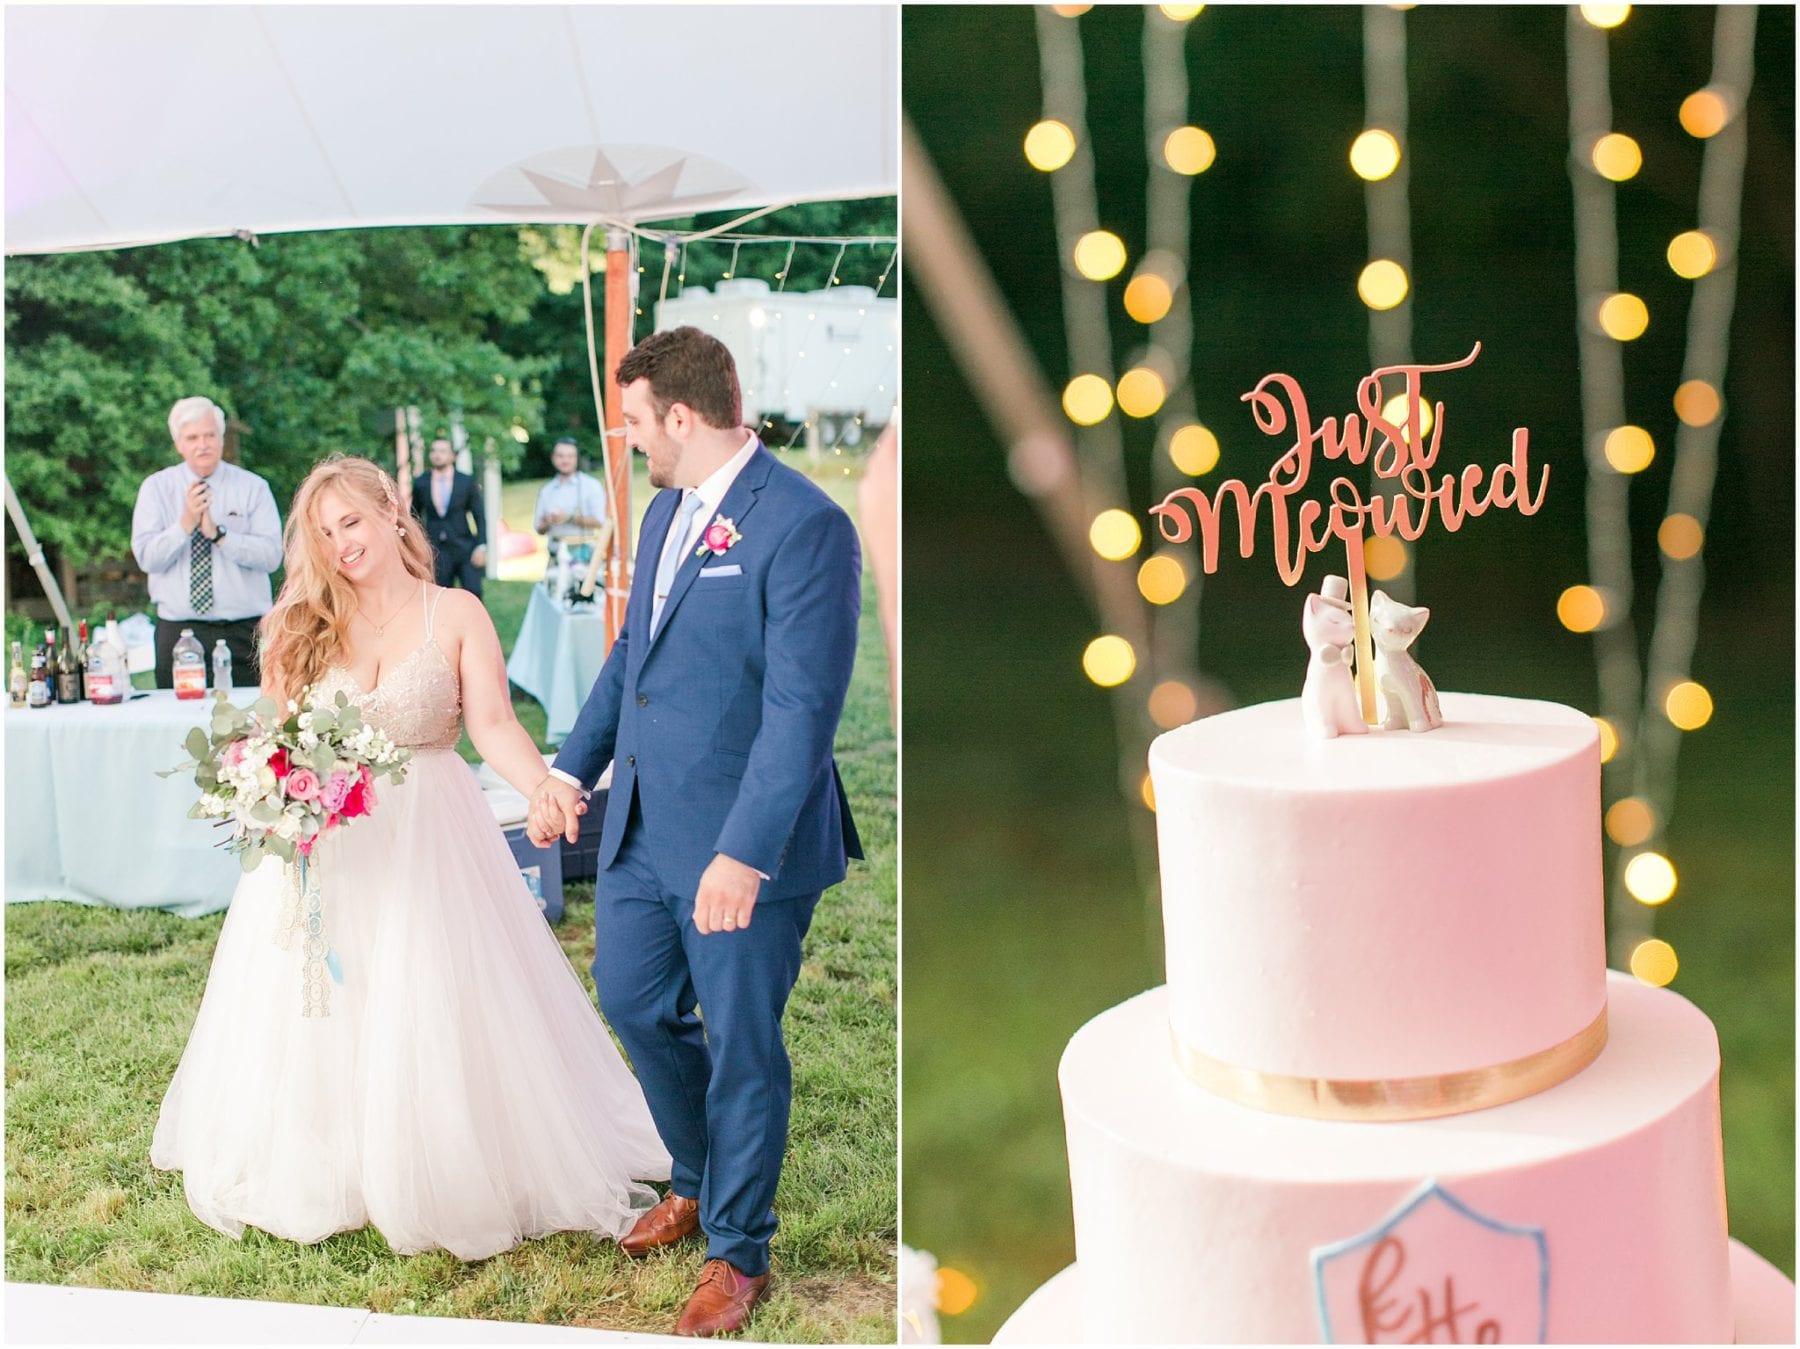 Maryland Backyard Wedding Photos Kelly & Zach Megan Kelsey Photography-297.jpg